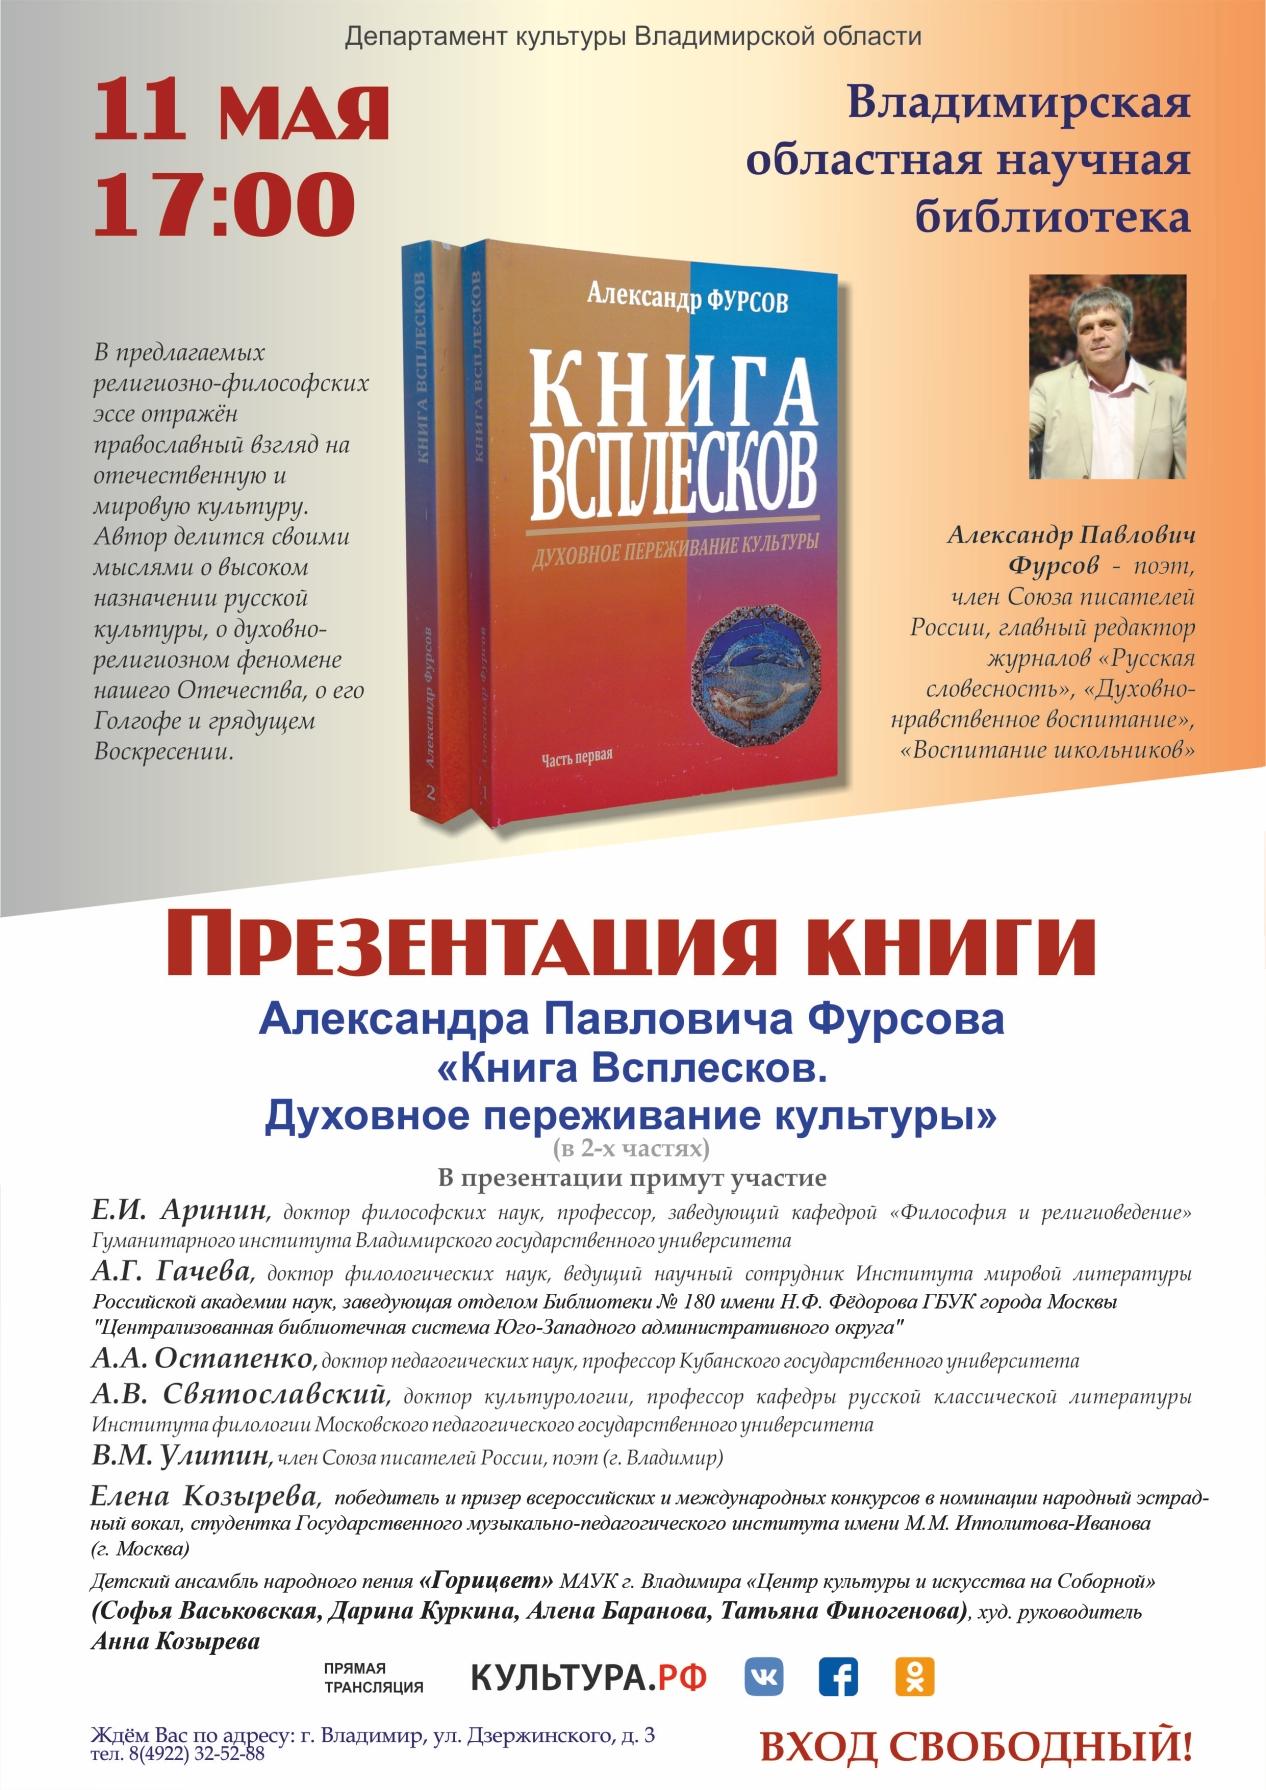 """Афиша презентации книги """"Книга Всплесков. Духовные переживания культуры"""""""